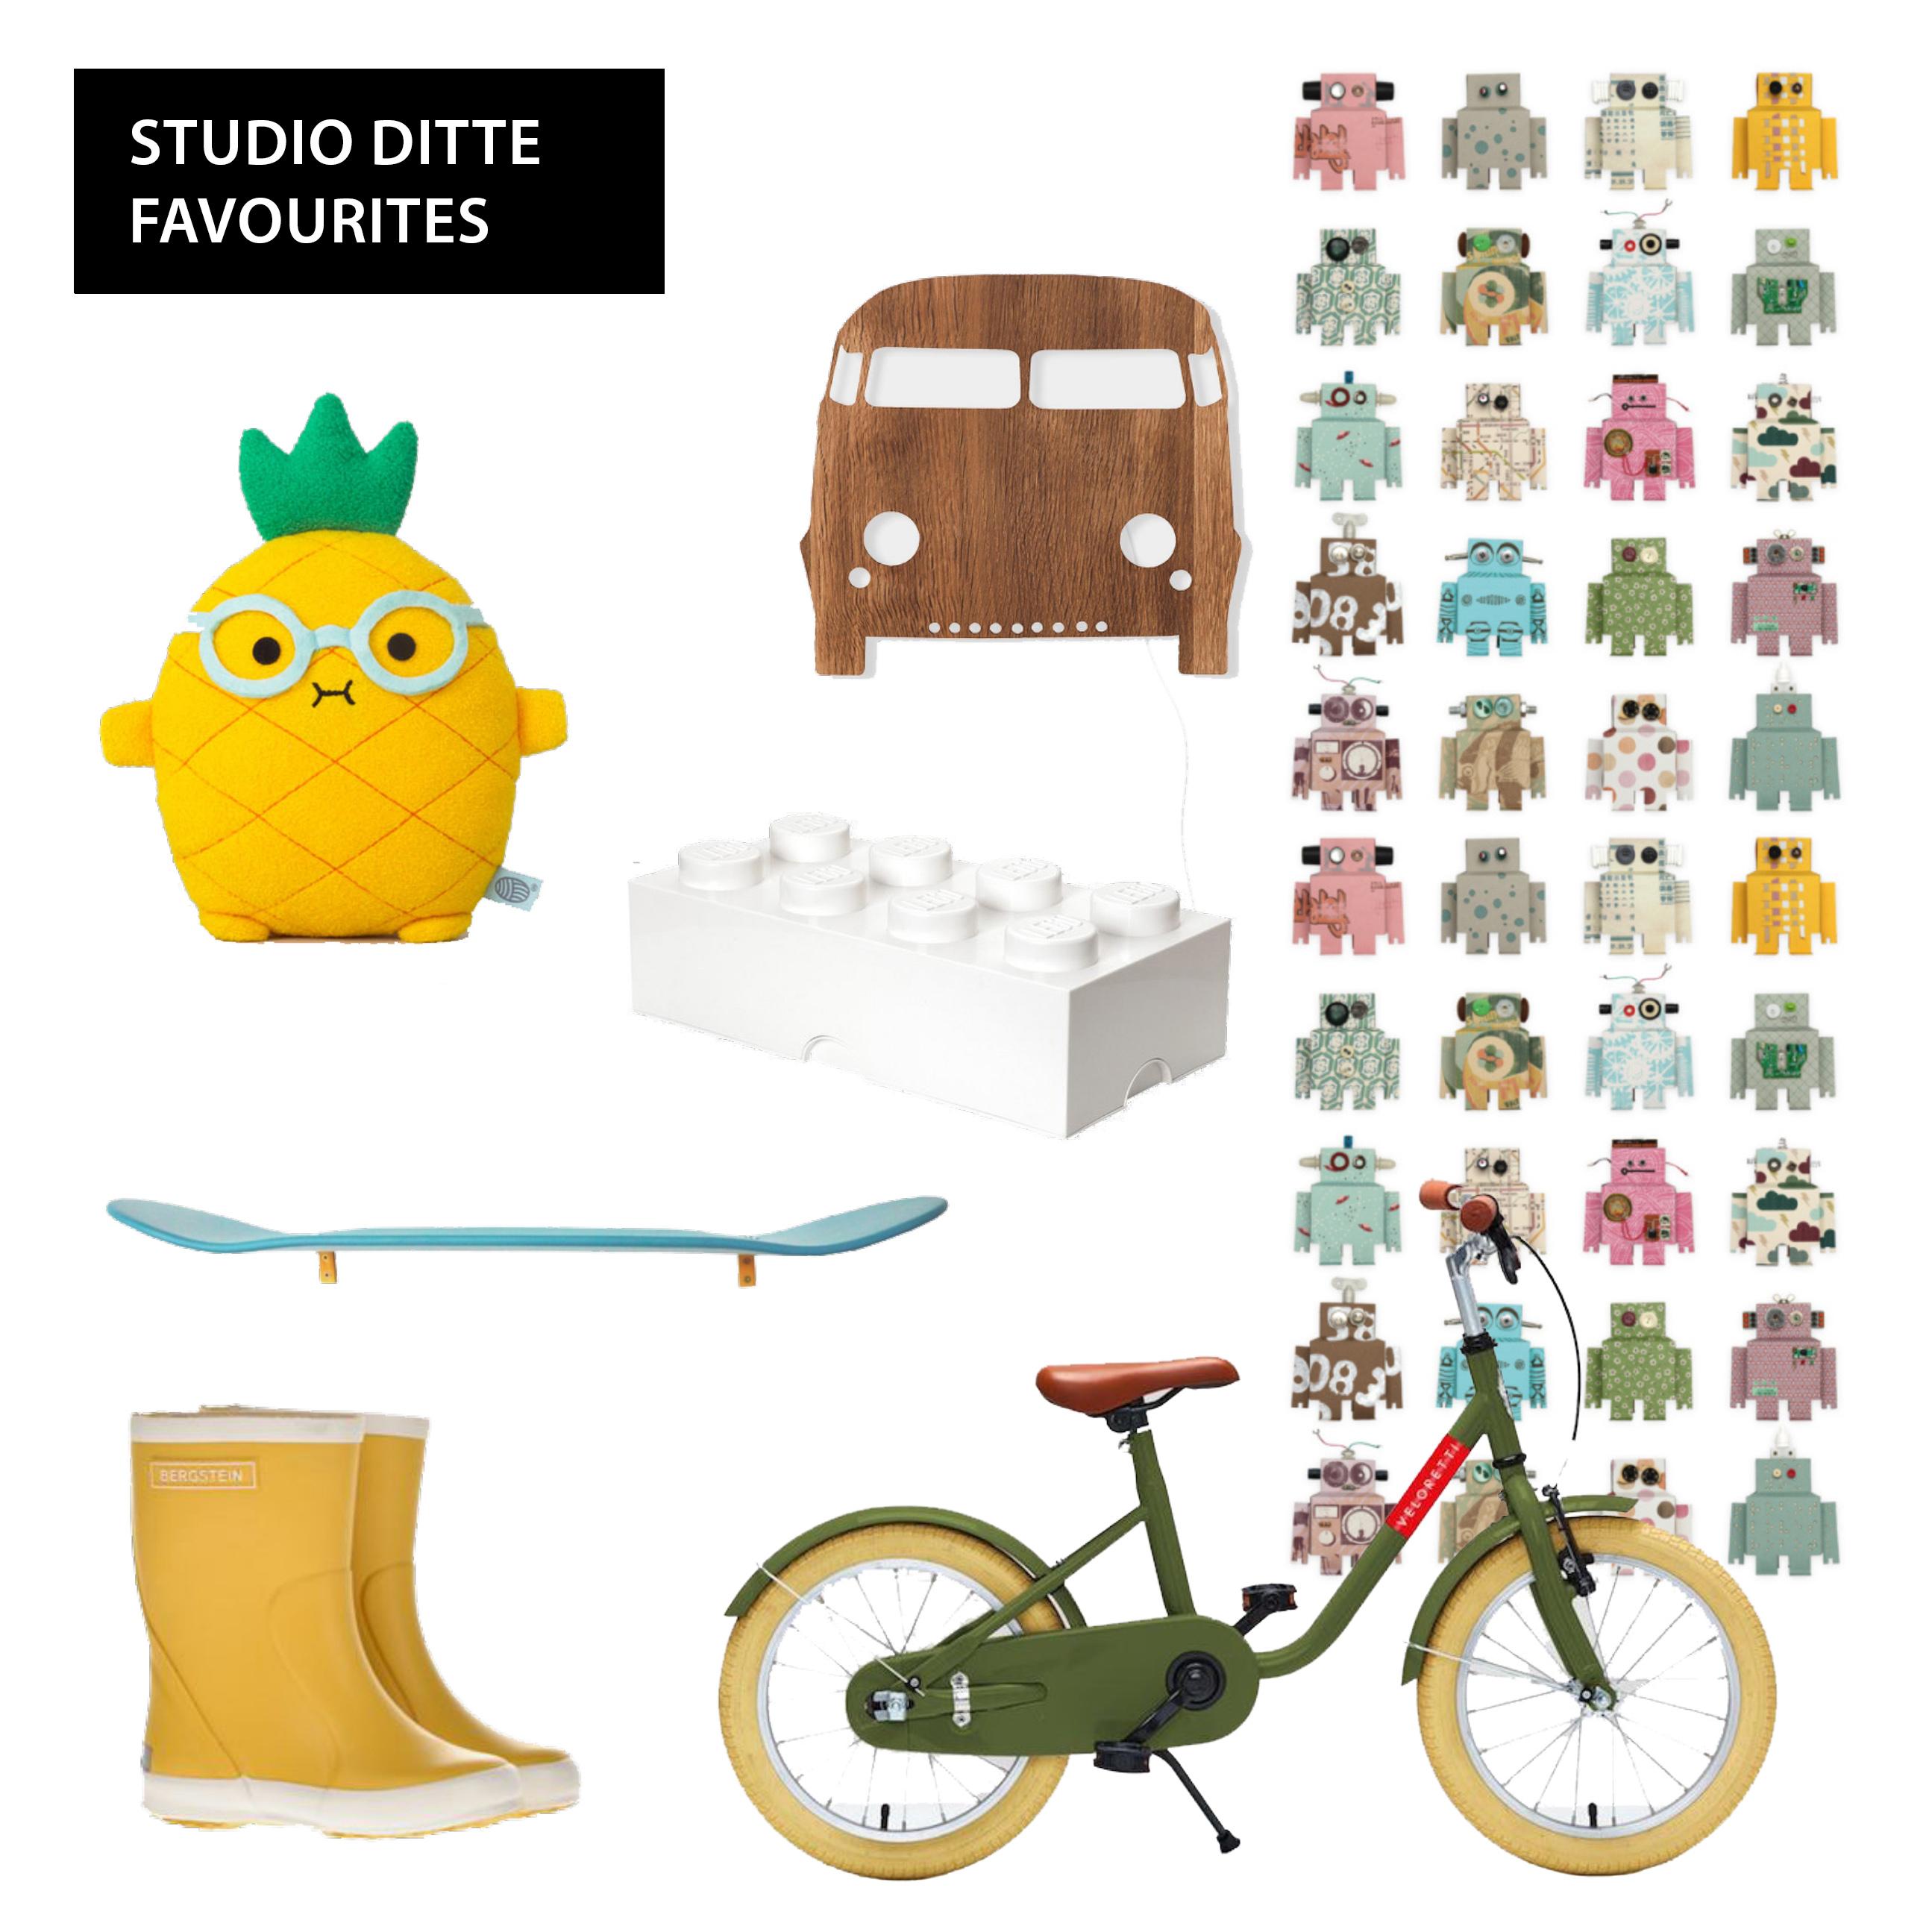 Studio Ditte favourites #01